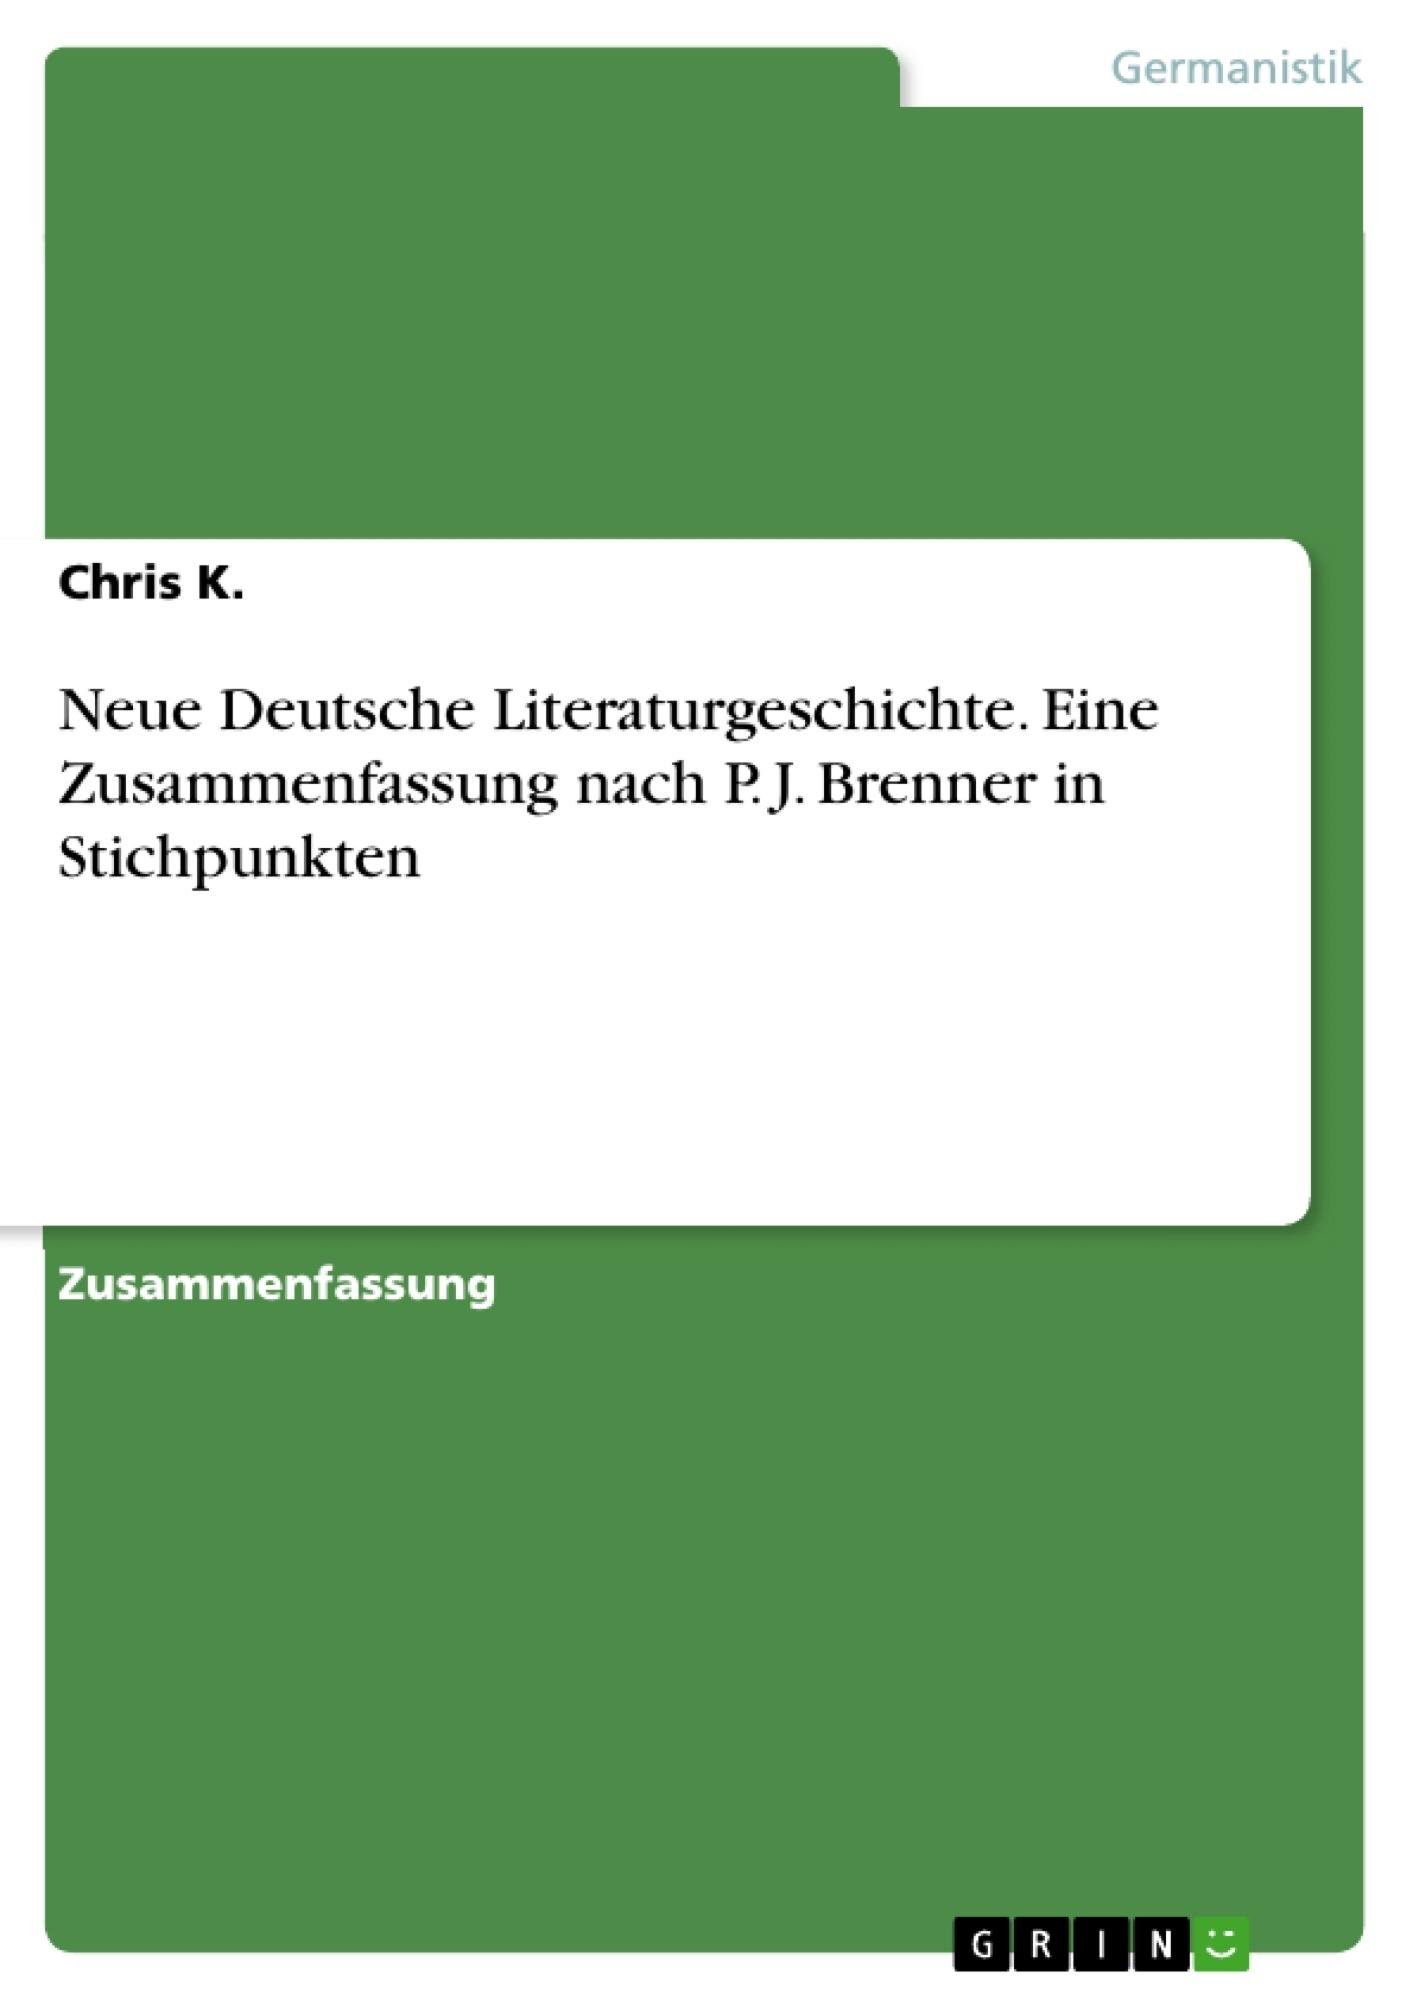 Titel: Neue Deutsche Literaturgeschichte. Eine Zusammenfassung nach P. J. Brenner in Stichpunkten